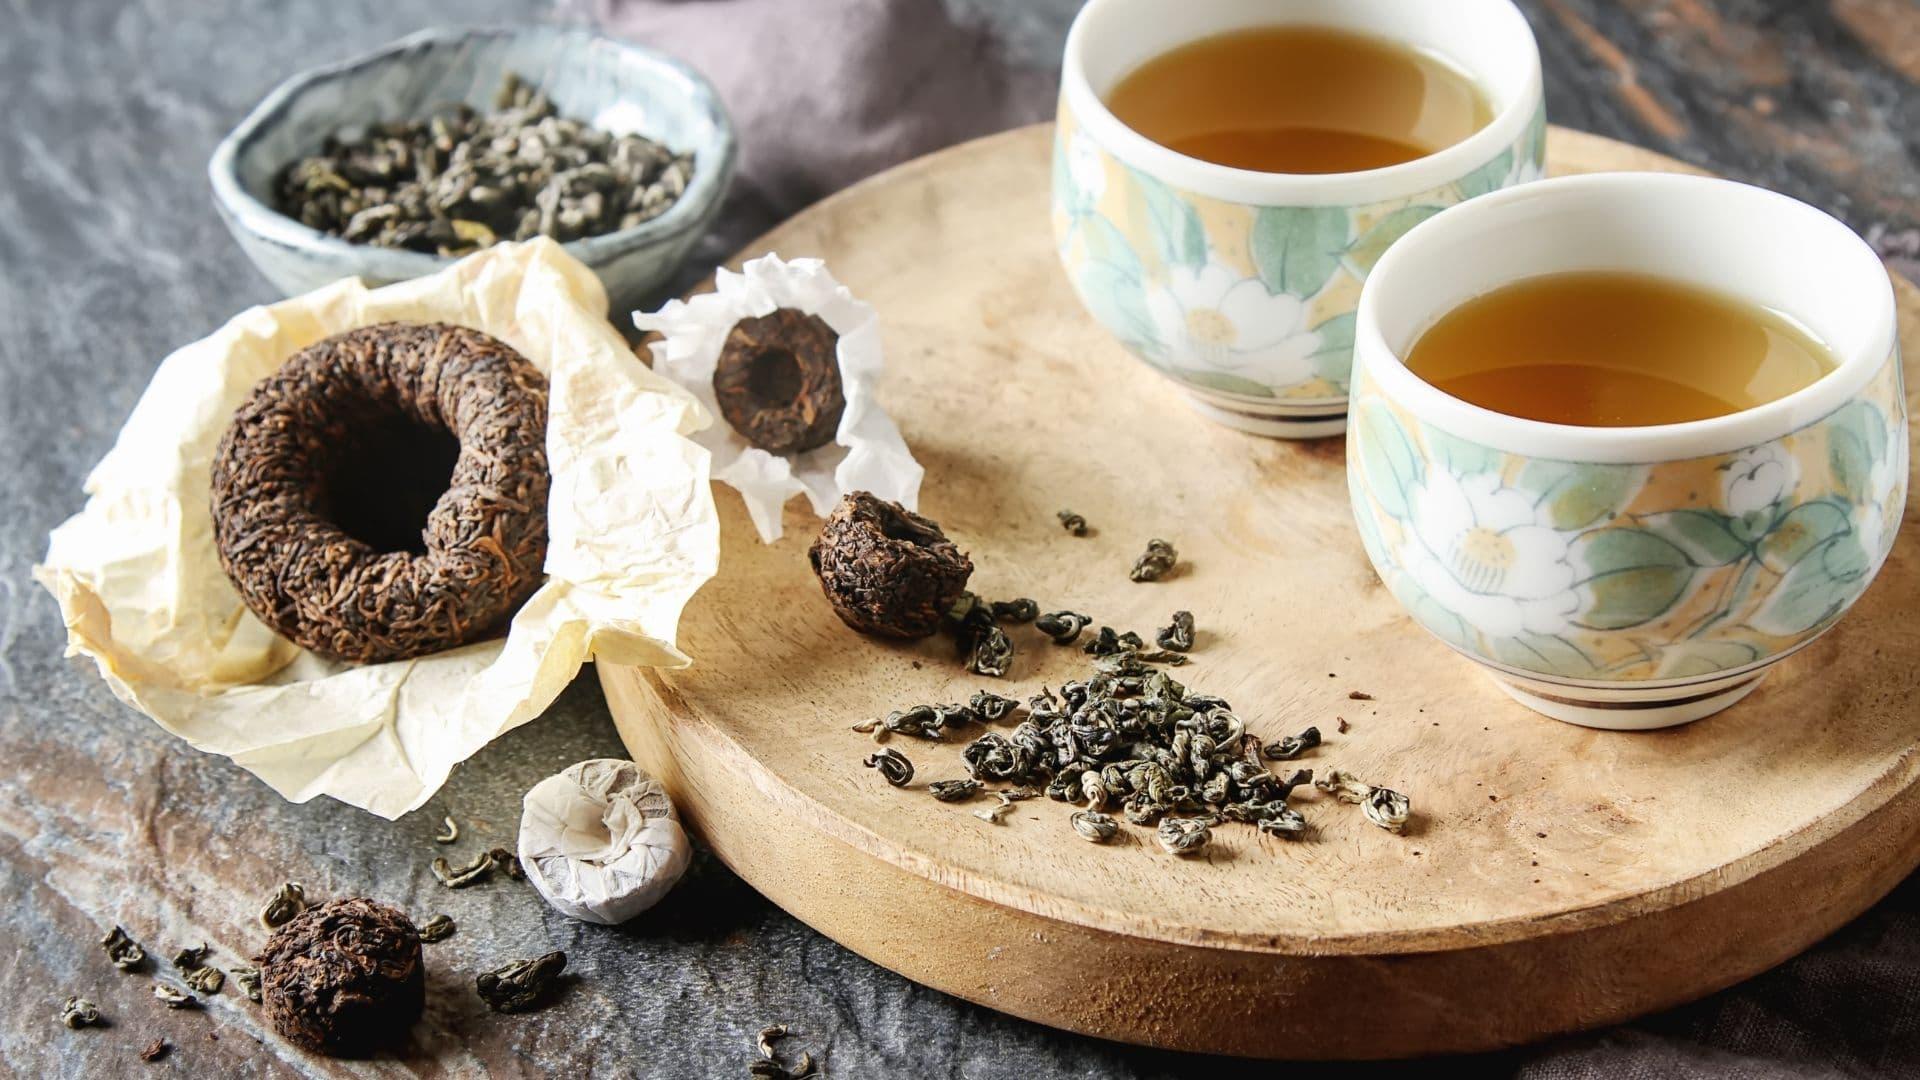 Es más común beber té que café en china